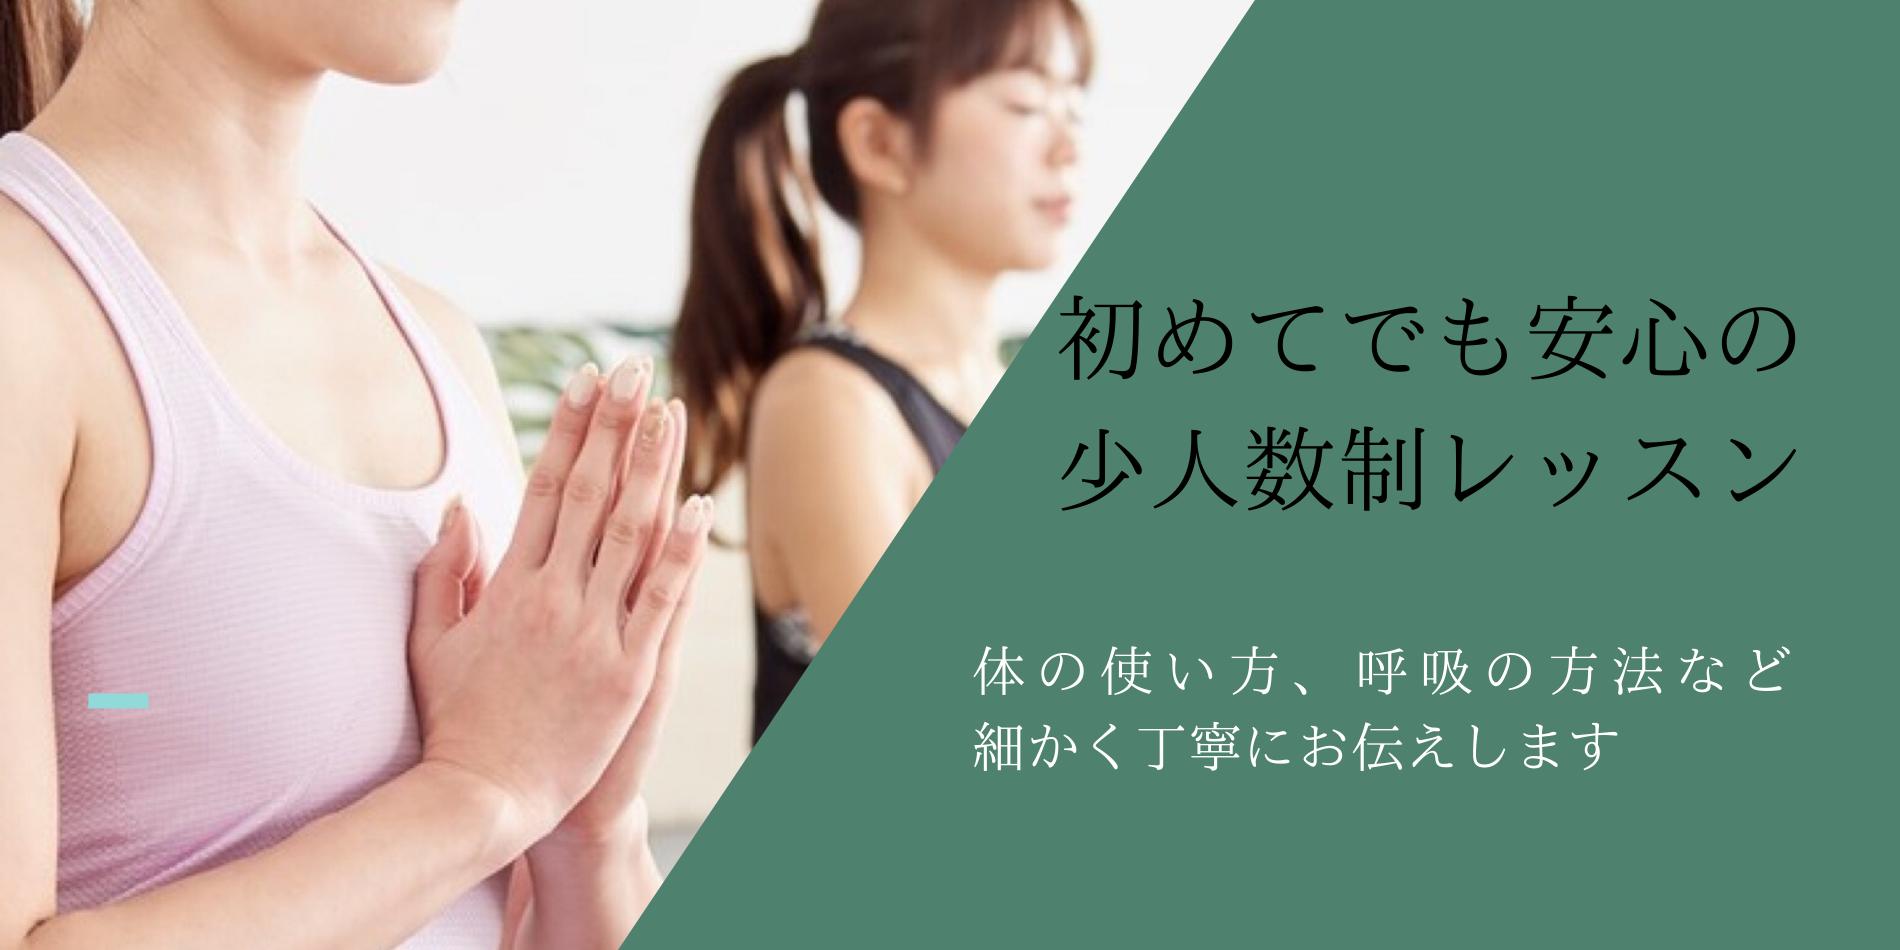 潮来市日の出yoga salon NAGI 少人数制レッスン